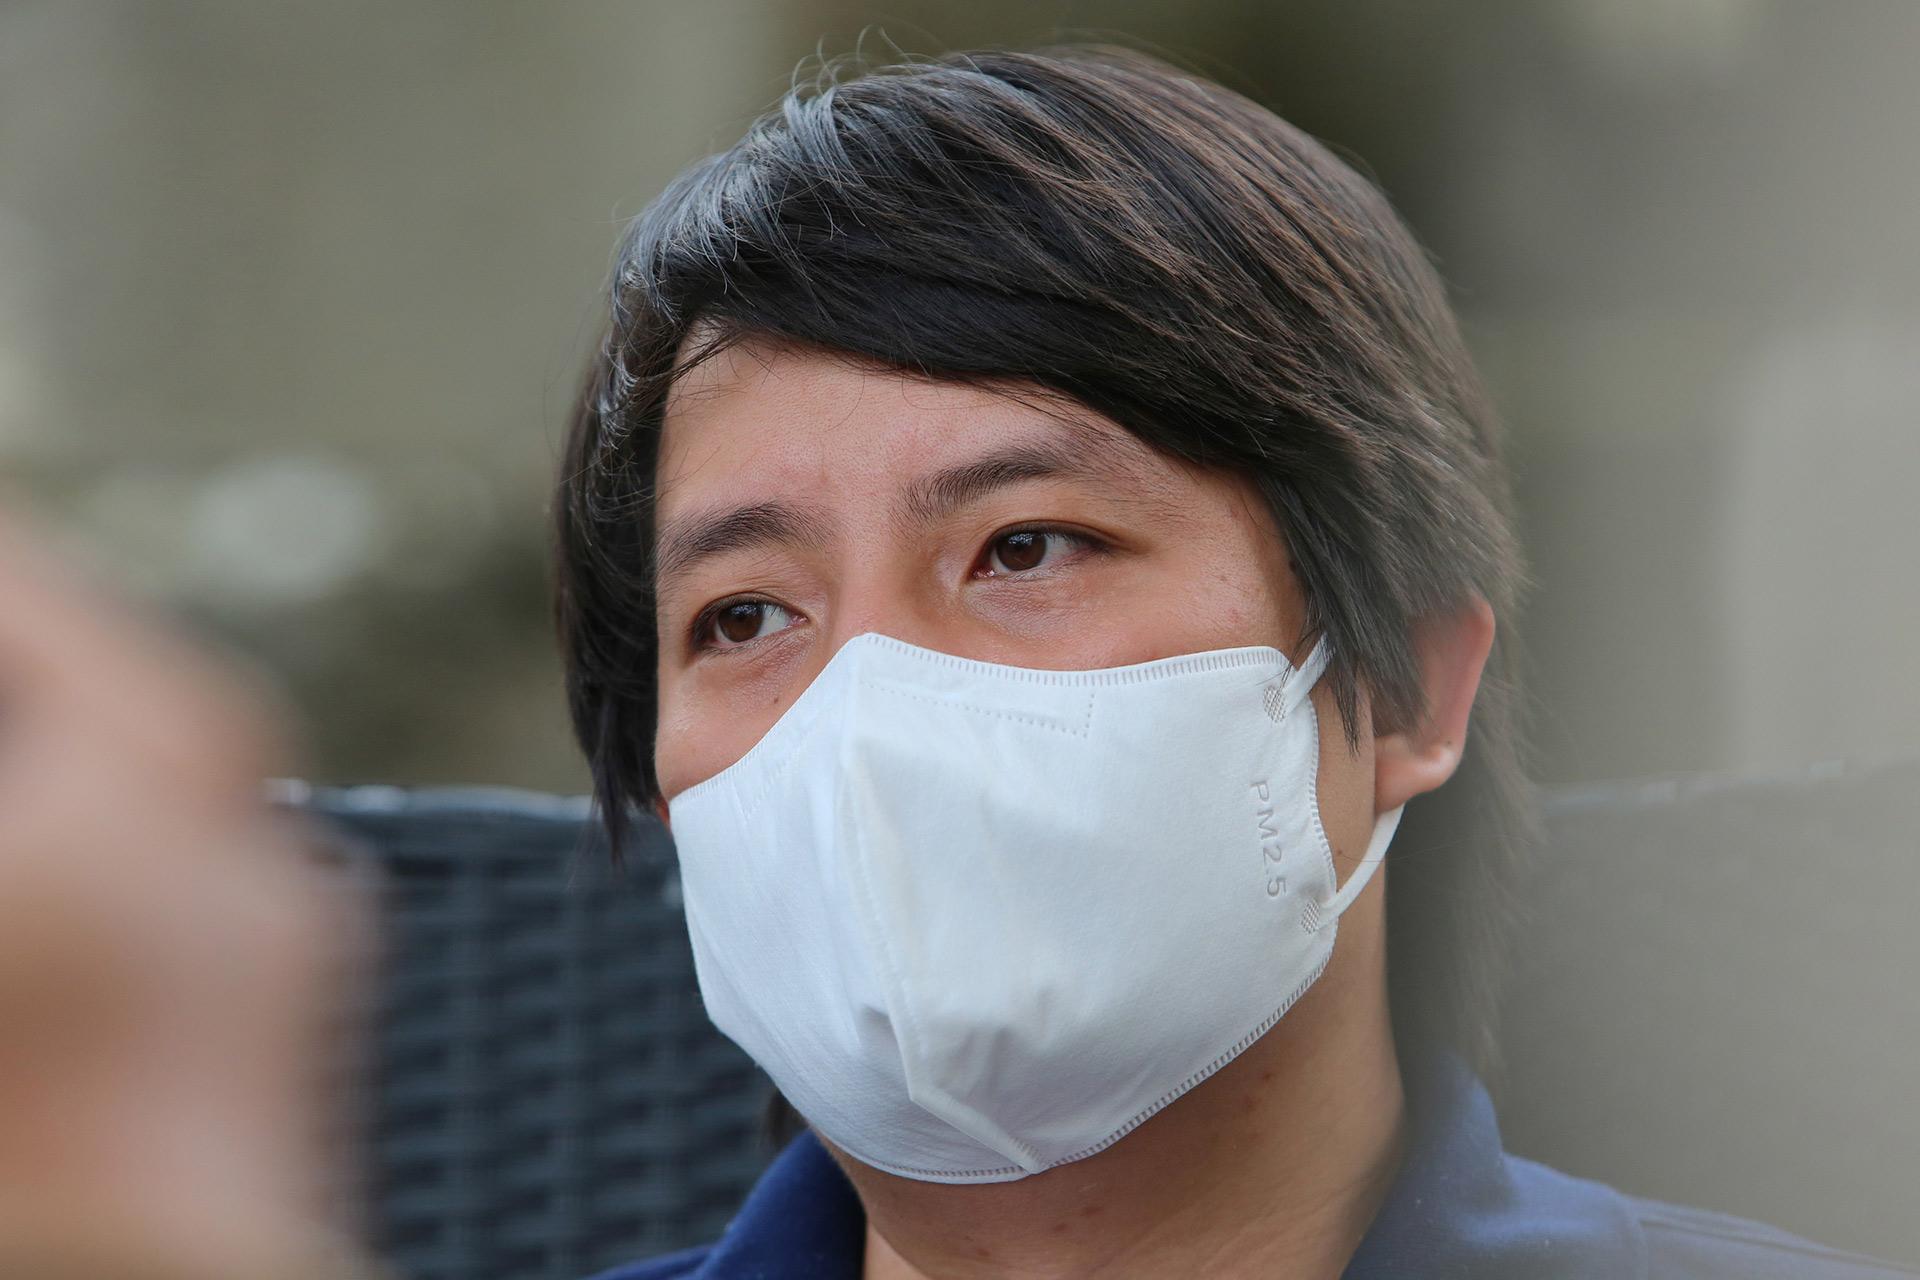 """[eMagazine] """"Bí mật"""" của Hoàng Tuấn Anh - ông chủ """"ATM gạo"""" từ thiện đình đám - 6"""